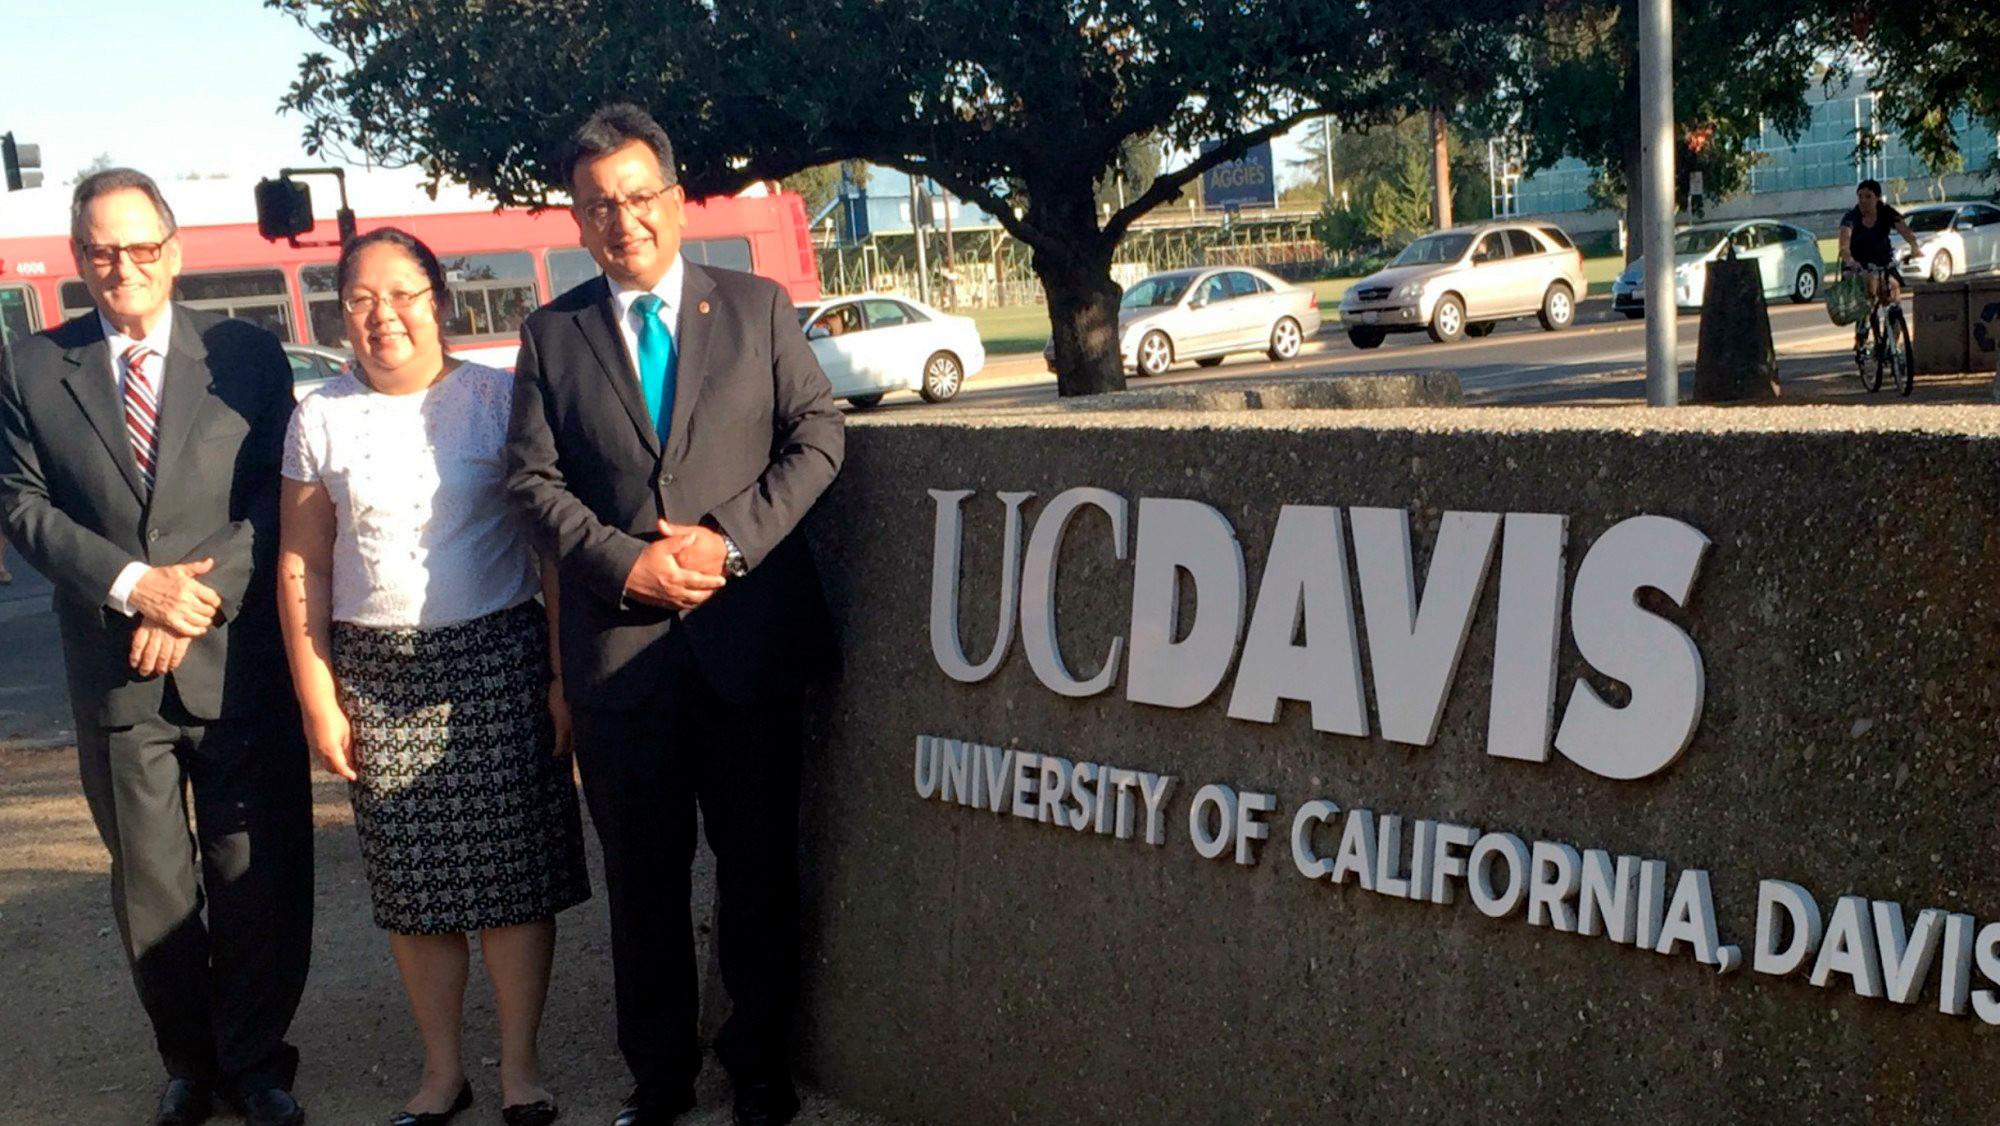 Los doctores Antonio Mabres, Susana Vegas y Sergio Balarezo durante su visita al campus de la UC Davis.